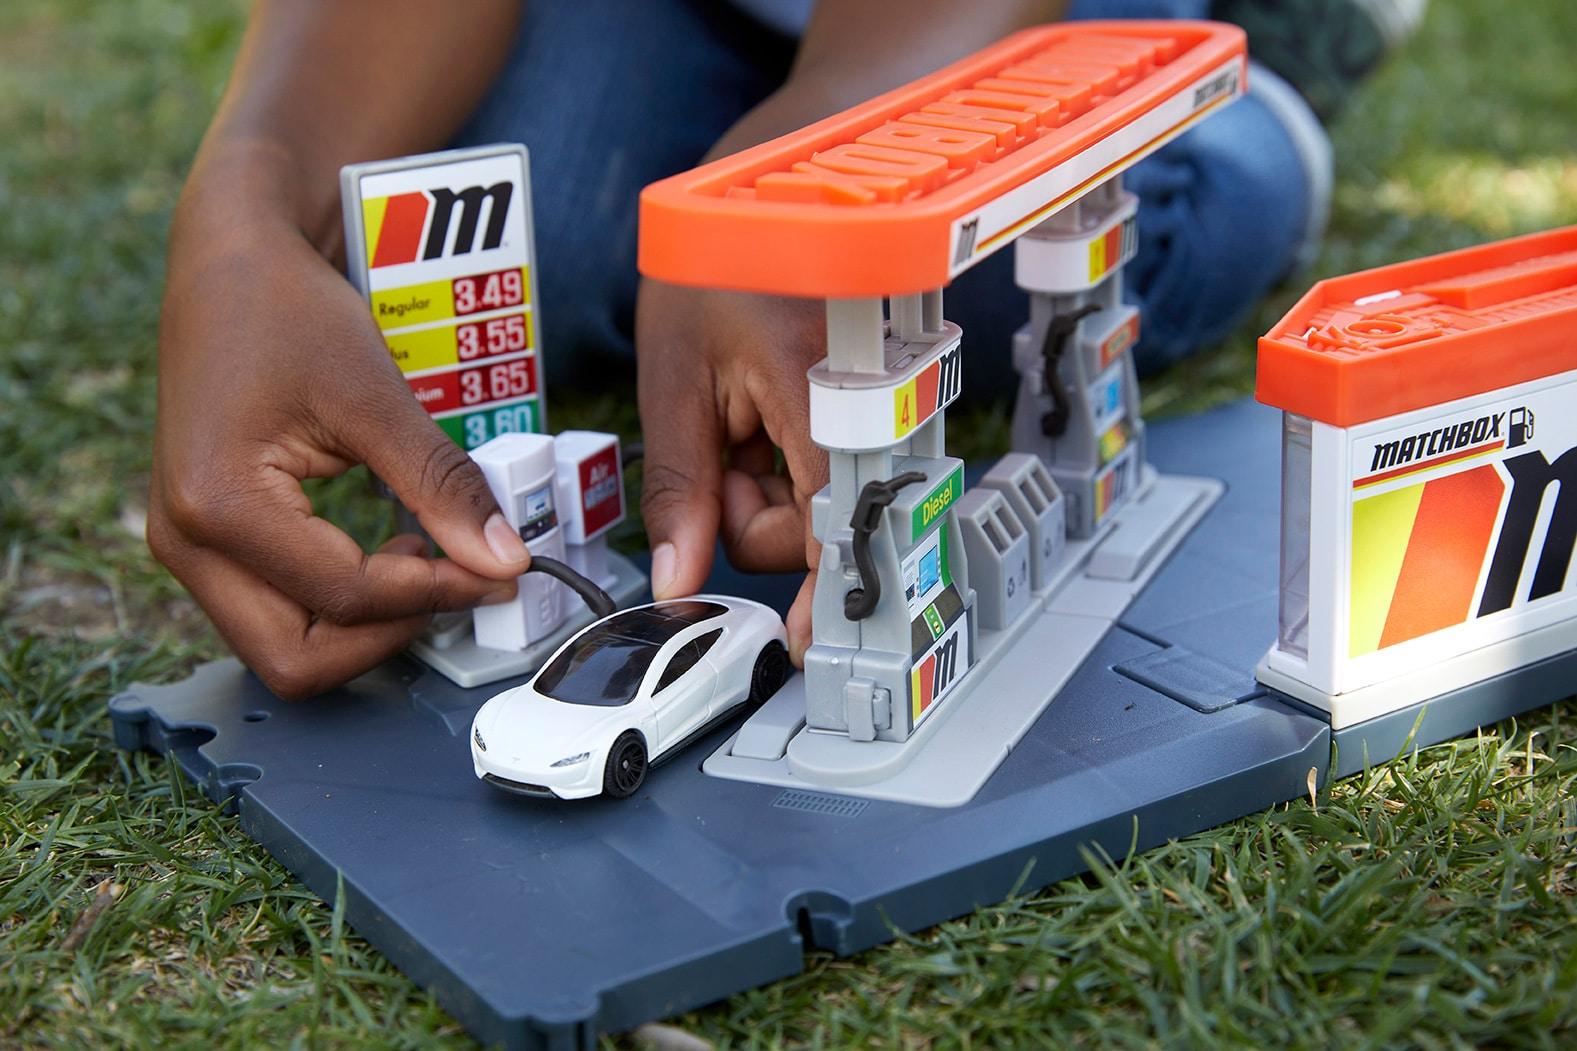 Matchbox ahora ofrece carritos de modelos eléctricos ¡con materiales reciclados!